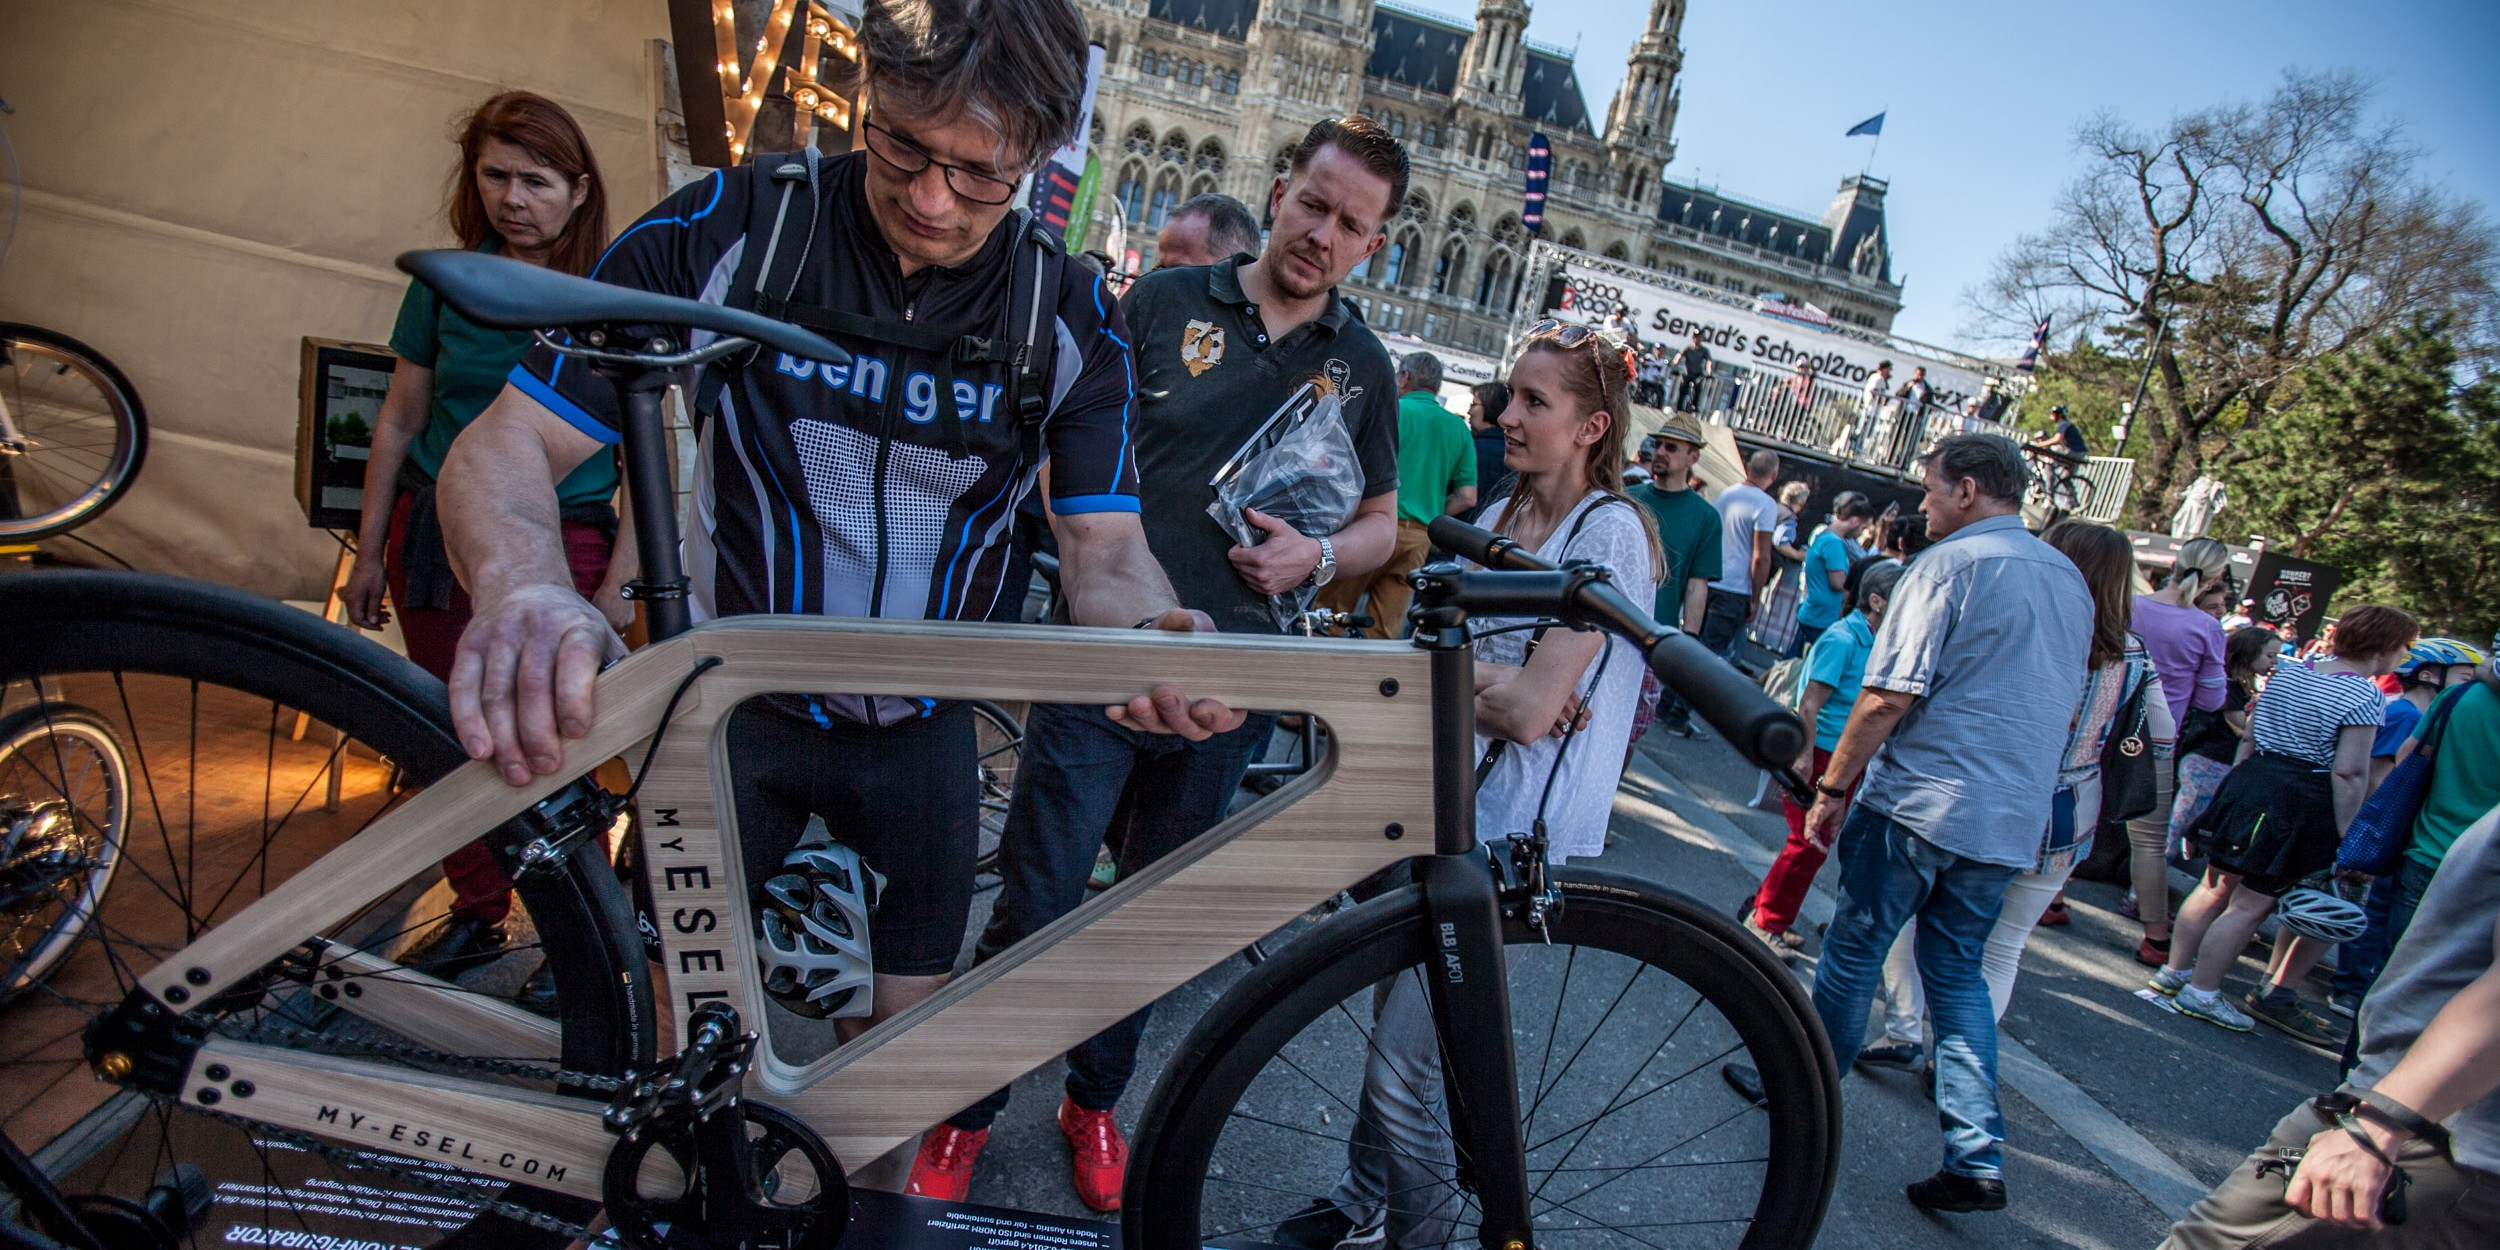 Argus Bike Festival 2018